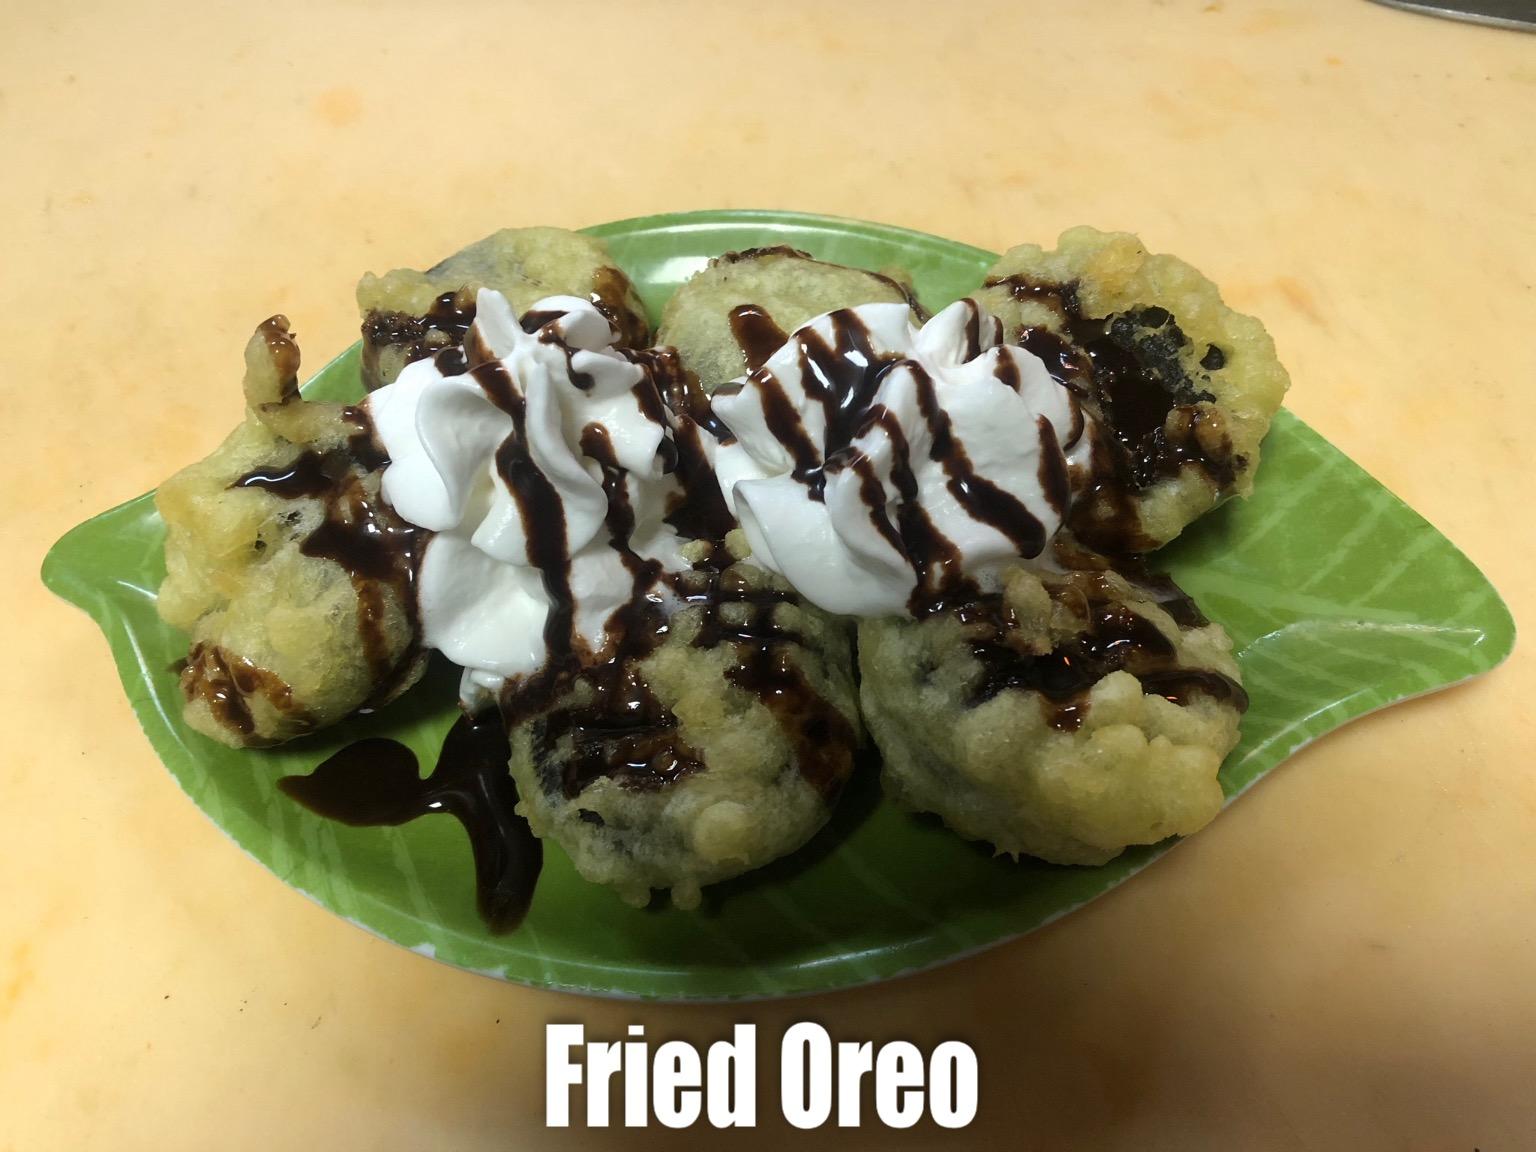 Fried Oreo Image